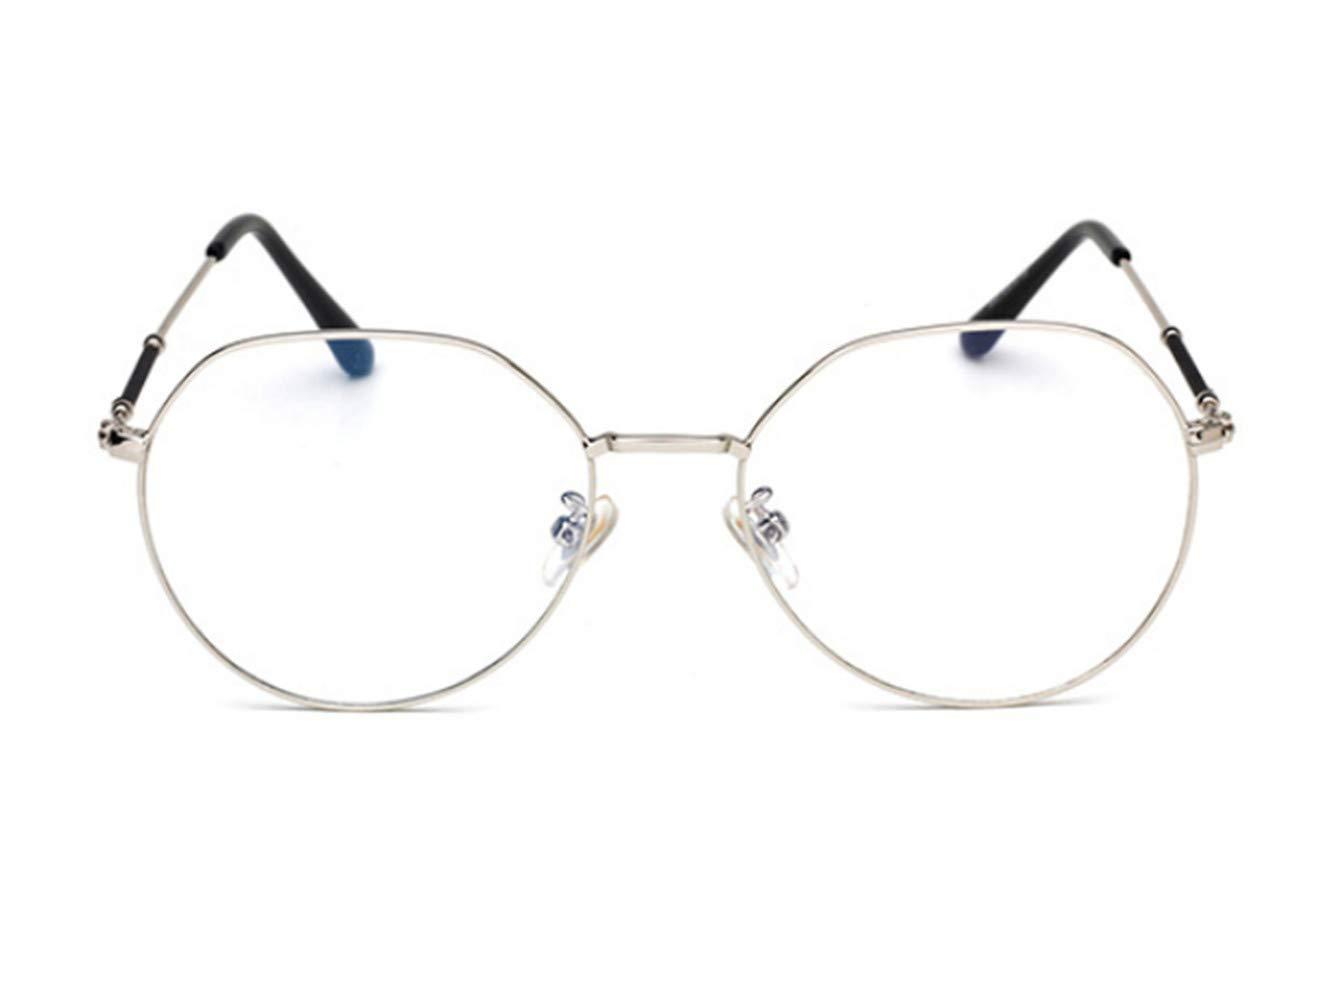 SMX Gafas Neutras para,Eliminan la Fatiga y la Irritación Visual,Gafas Anti LUZ Azul y UV para Pantalla,Filtro luz Azul de Descanso para pcEspejo Plano de ...